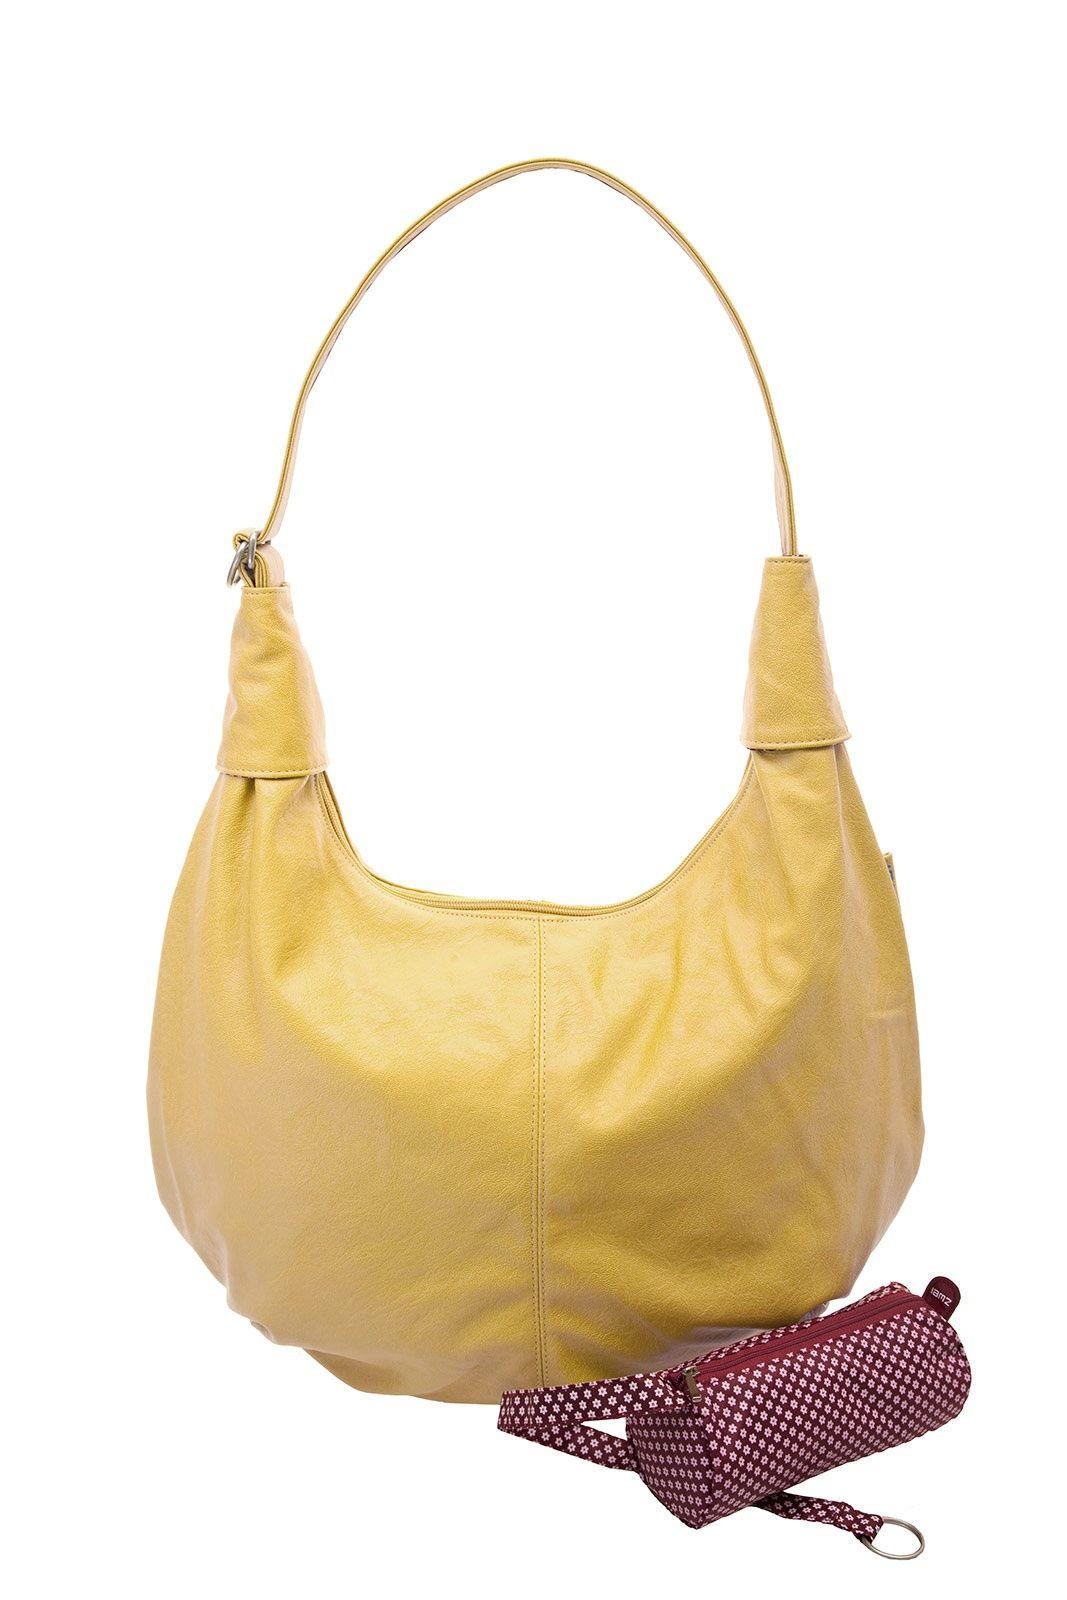 Frauentaschen :: MADEMOISELLE :: M16 | ZWEI Taschen Shopper :: gelb